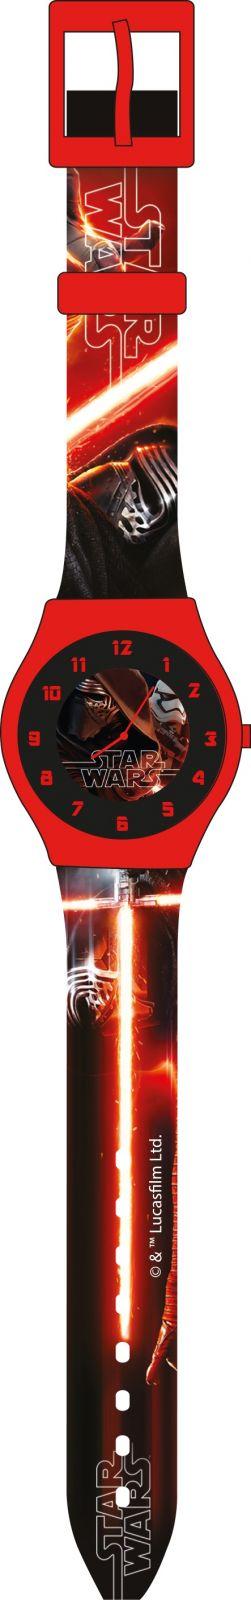 Dětské hodinky - analogové ( blistr ) - Star Wars Diakakis